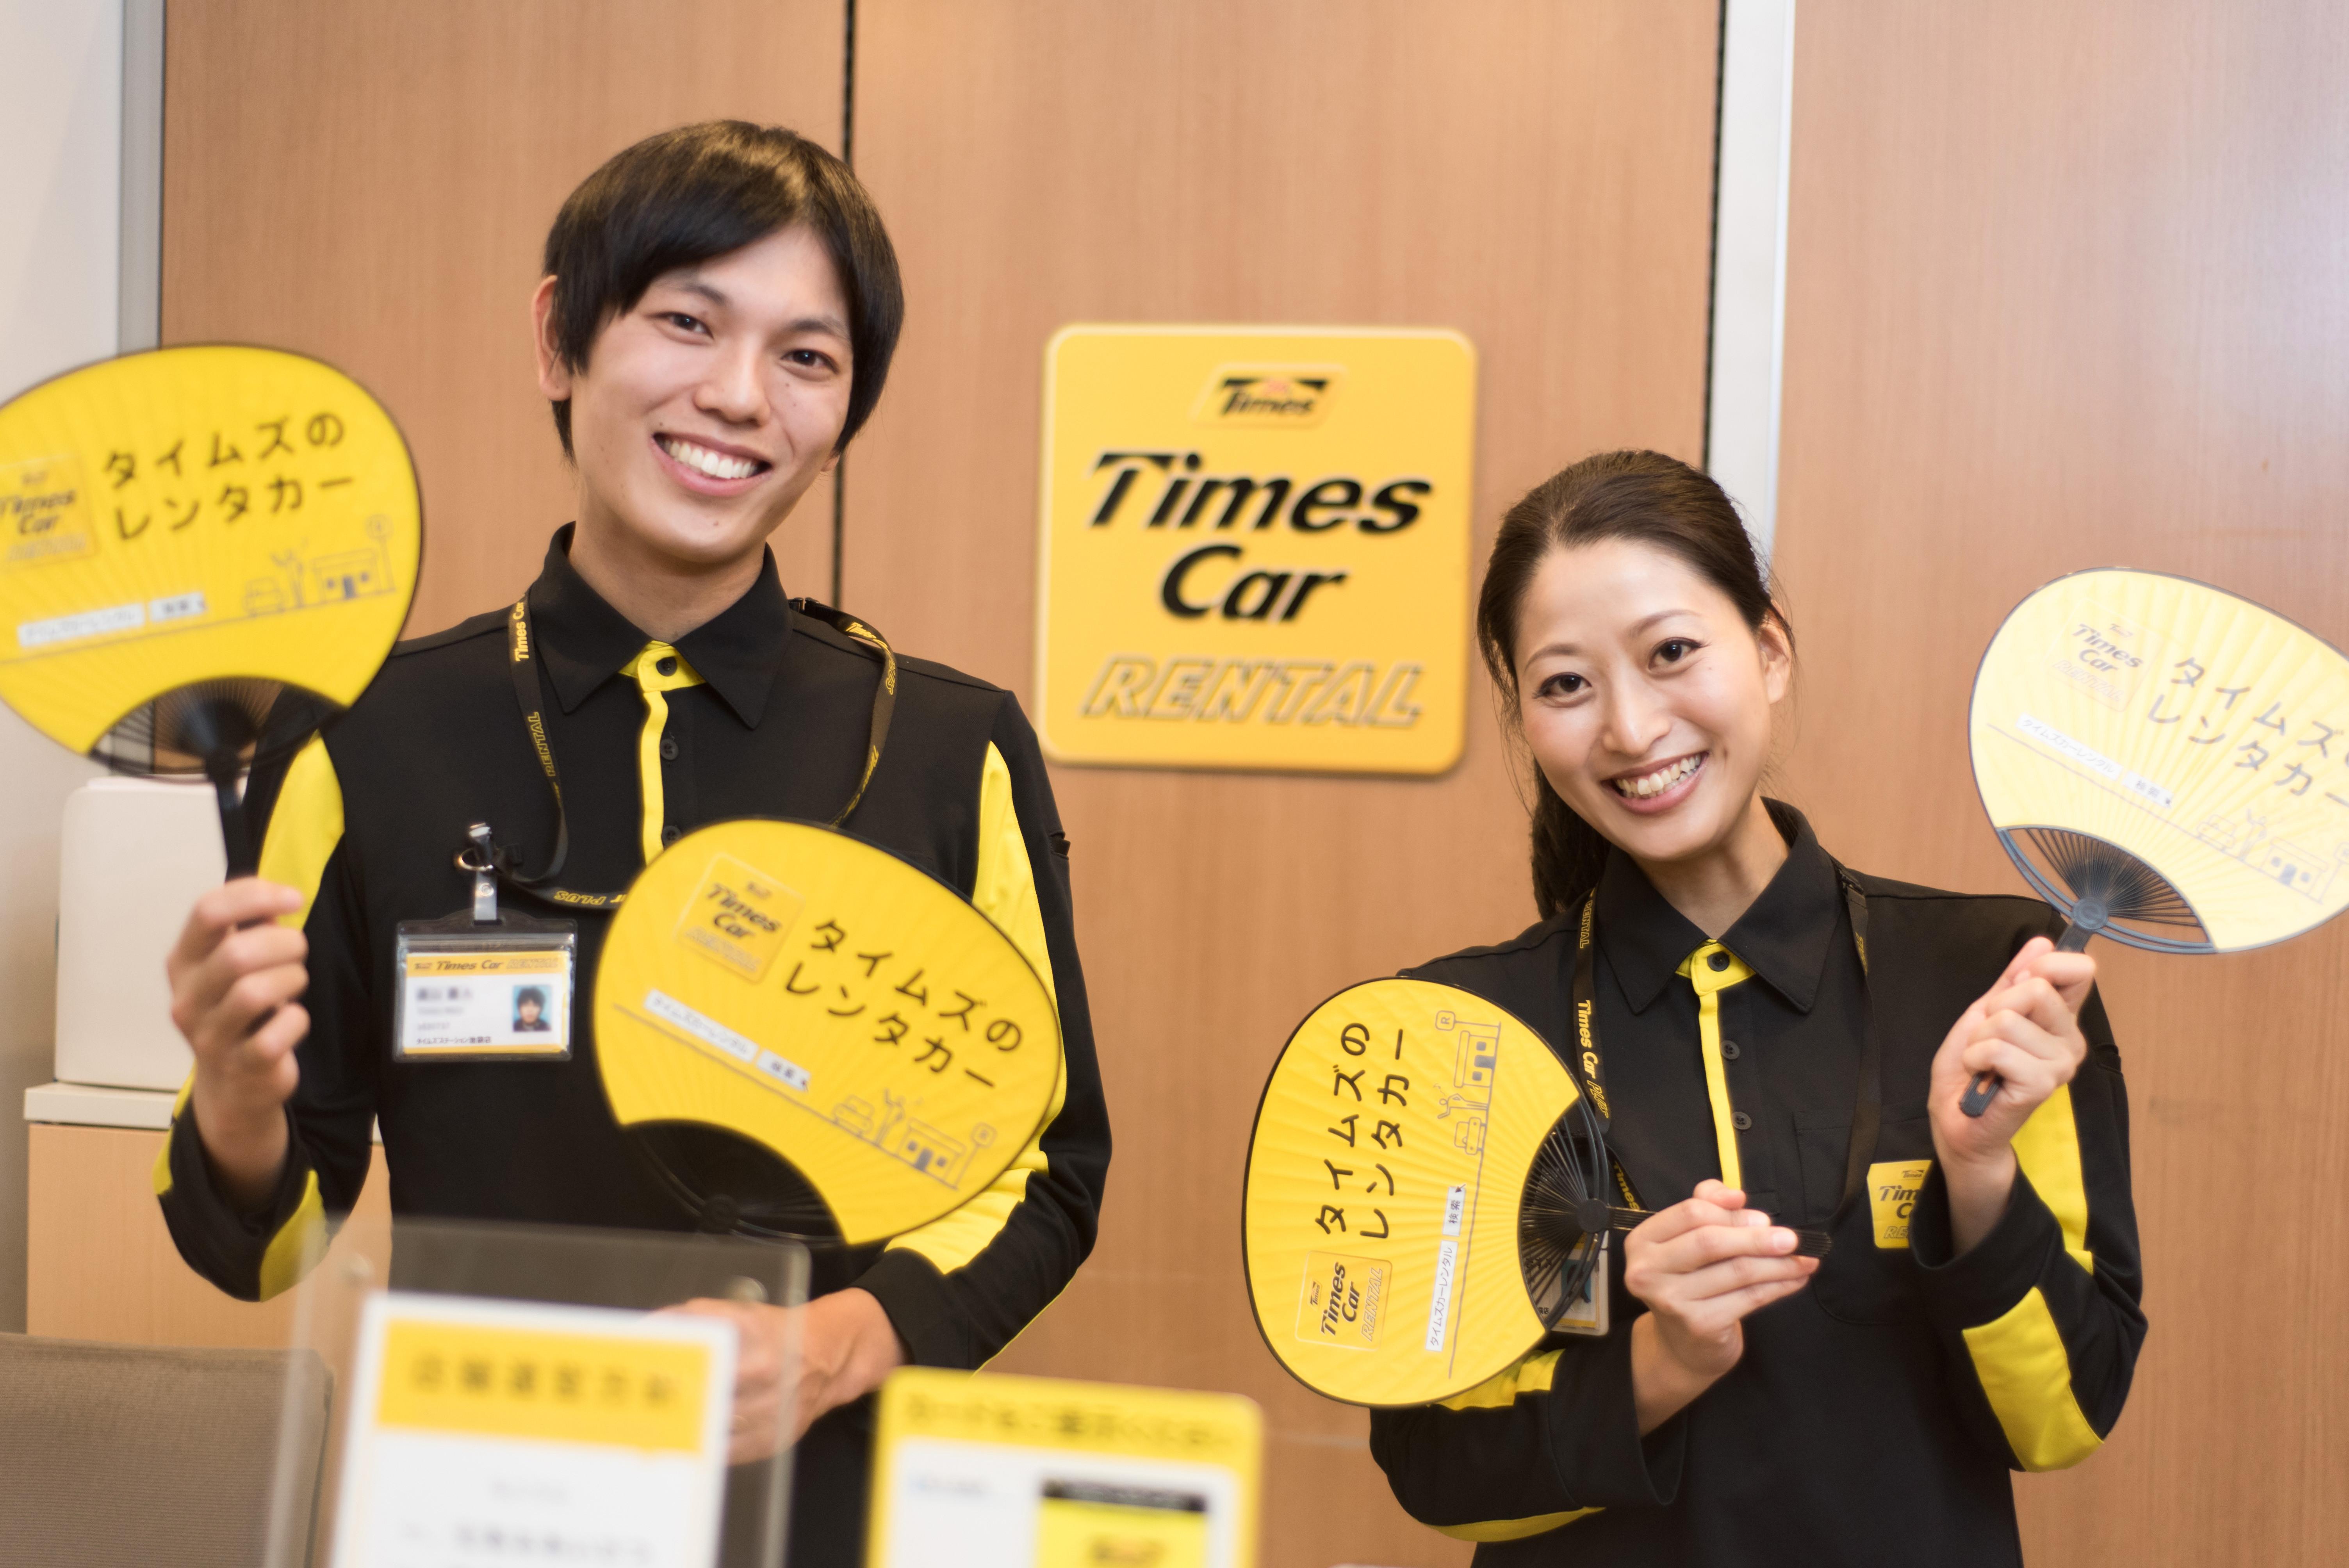 タイムズカーレンタル 和歌山城北店 のアルバイト情報